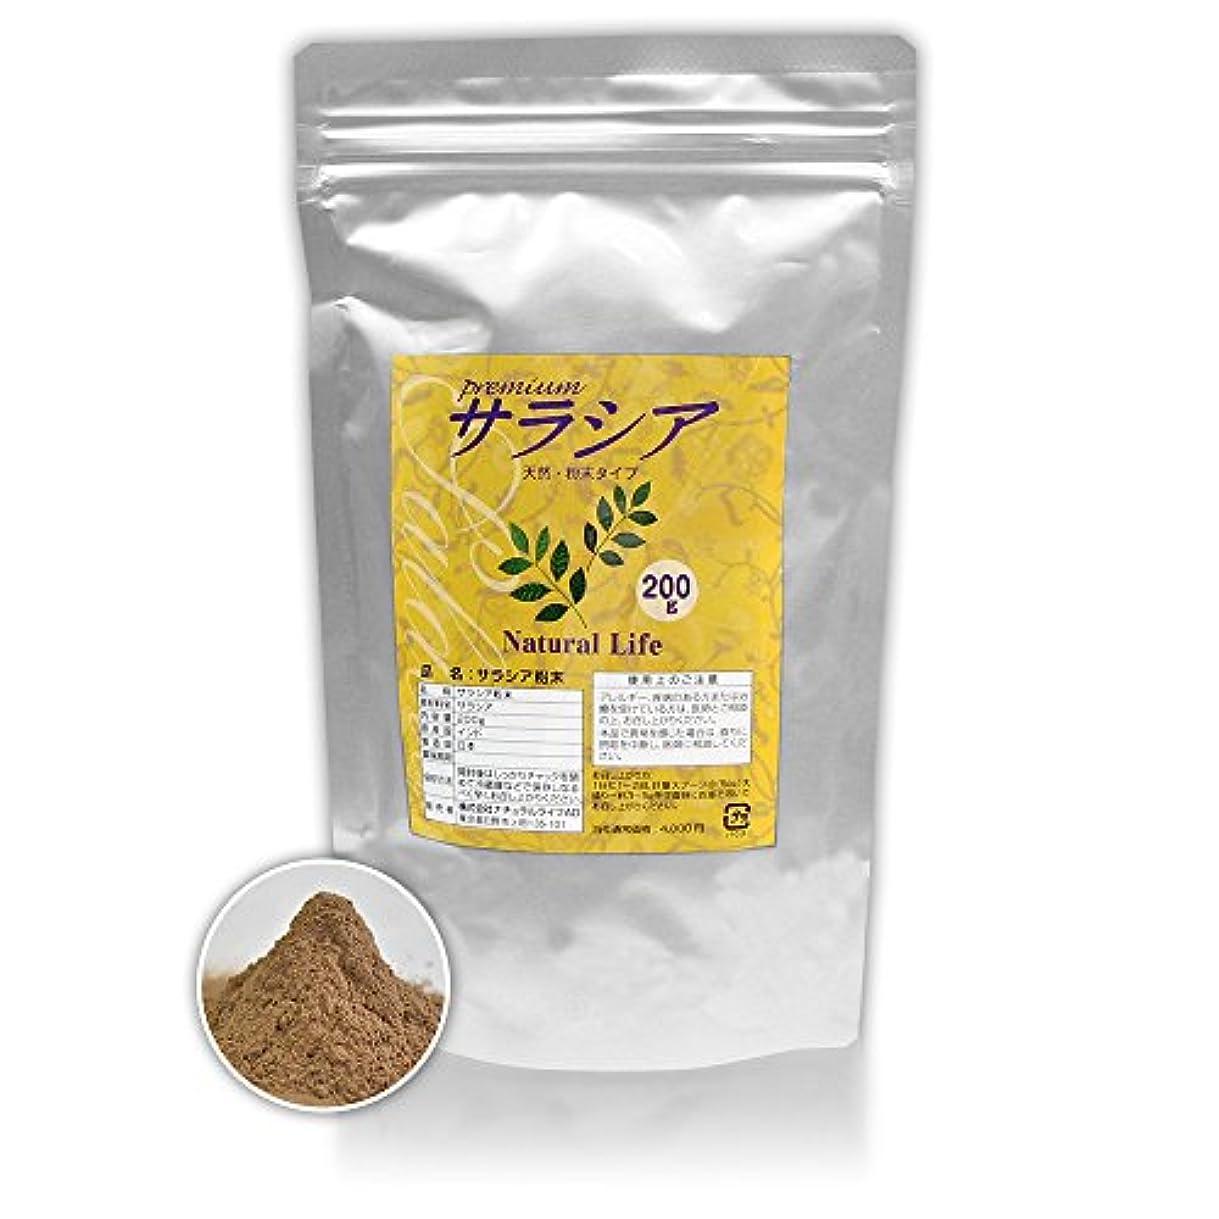 工業化するマント理容師サラシア粉末[200g]天然ピュア原料(無添加)健康食品(さらしあ,レティキュラータ)